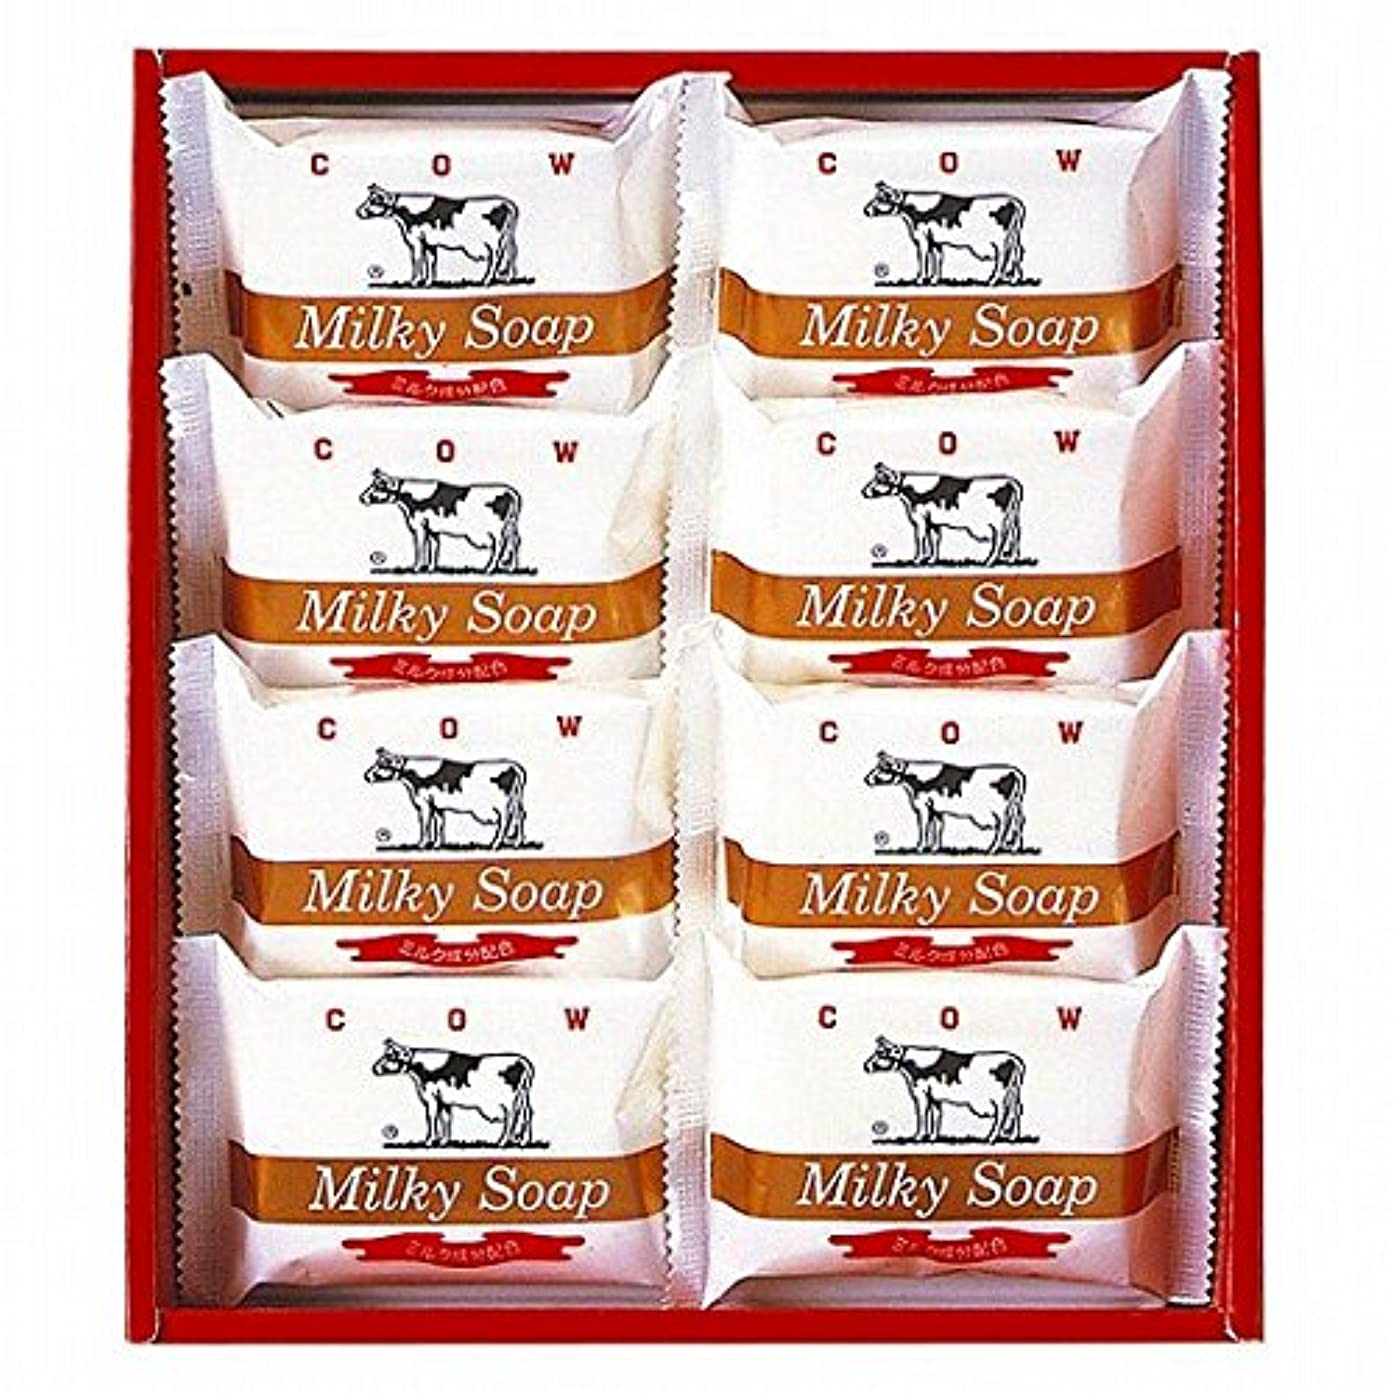 見捨てられた放射能余裕があるnobrand 牛乳石鹸 ゴールドソープセット (21940004)